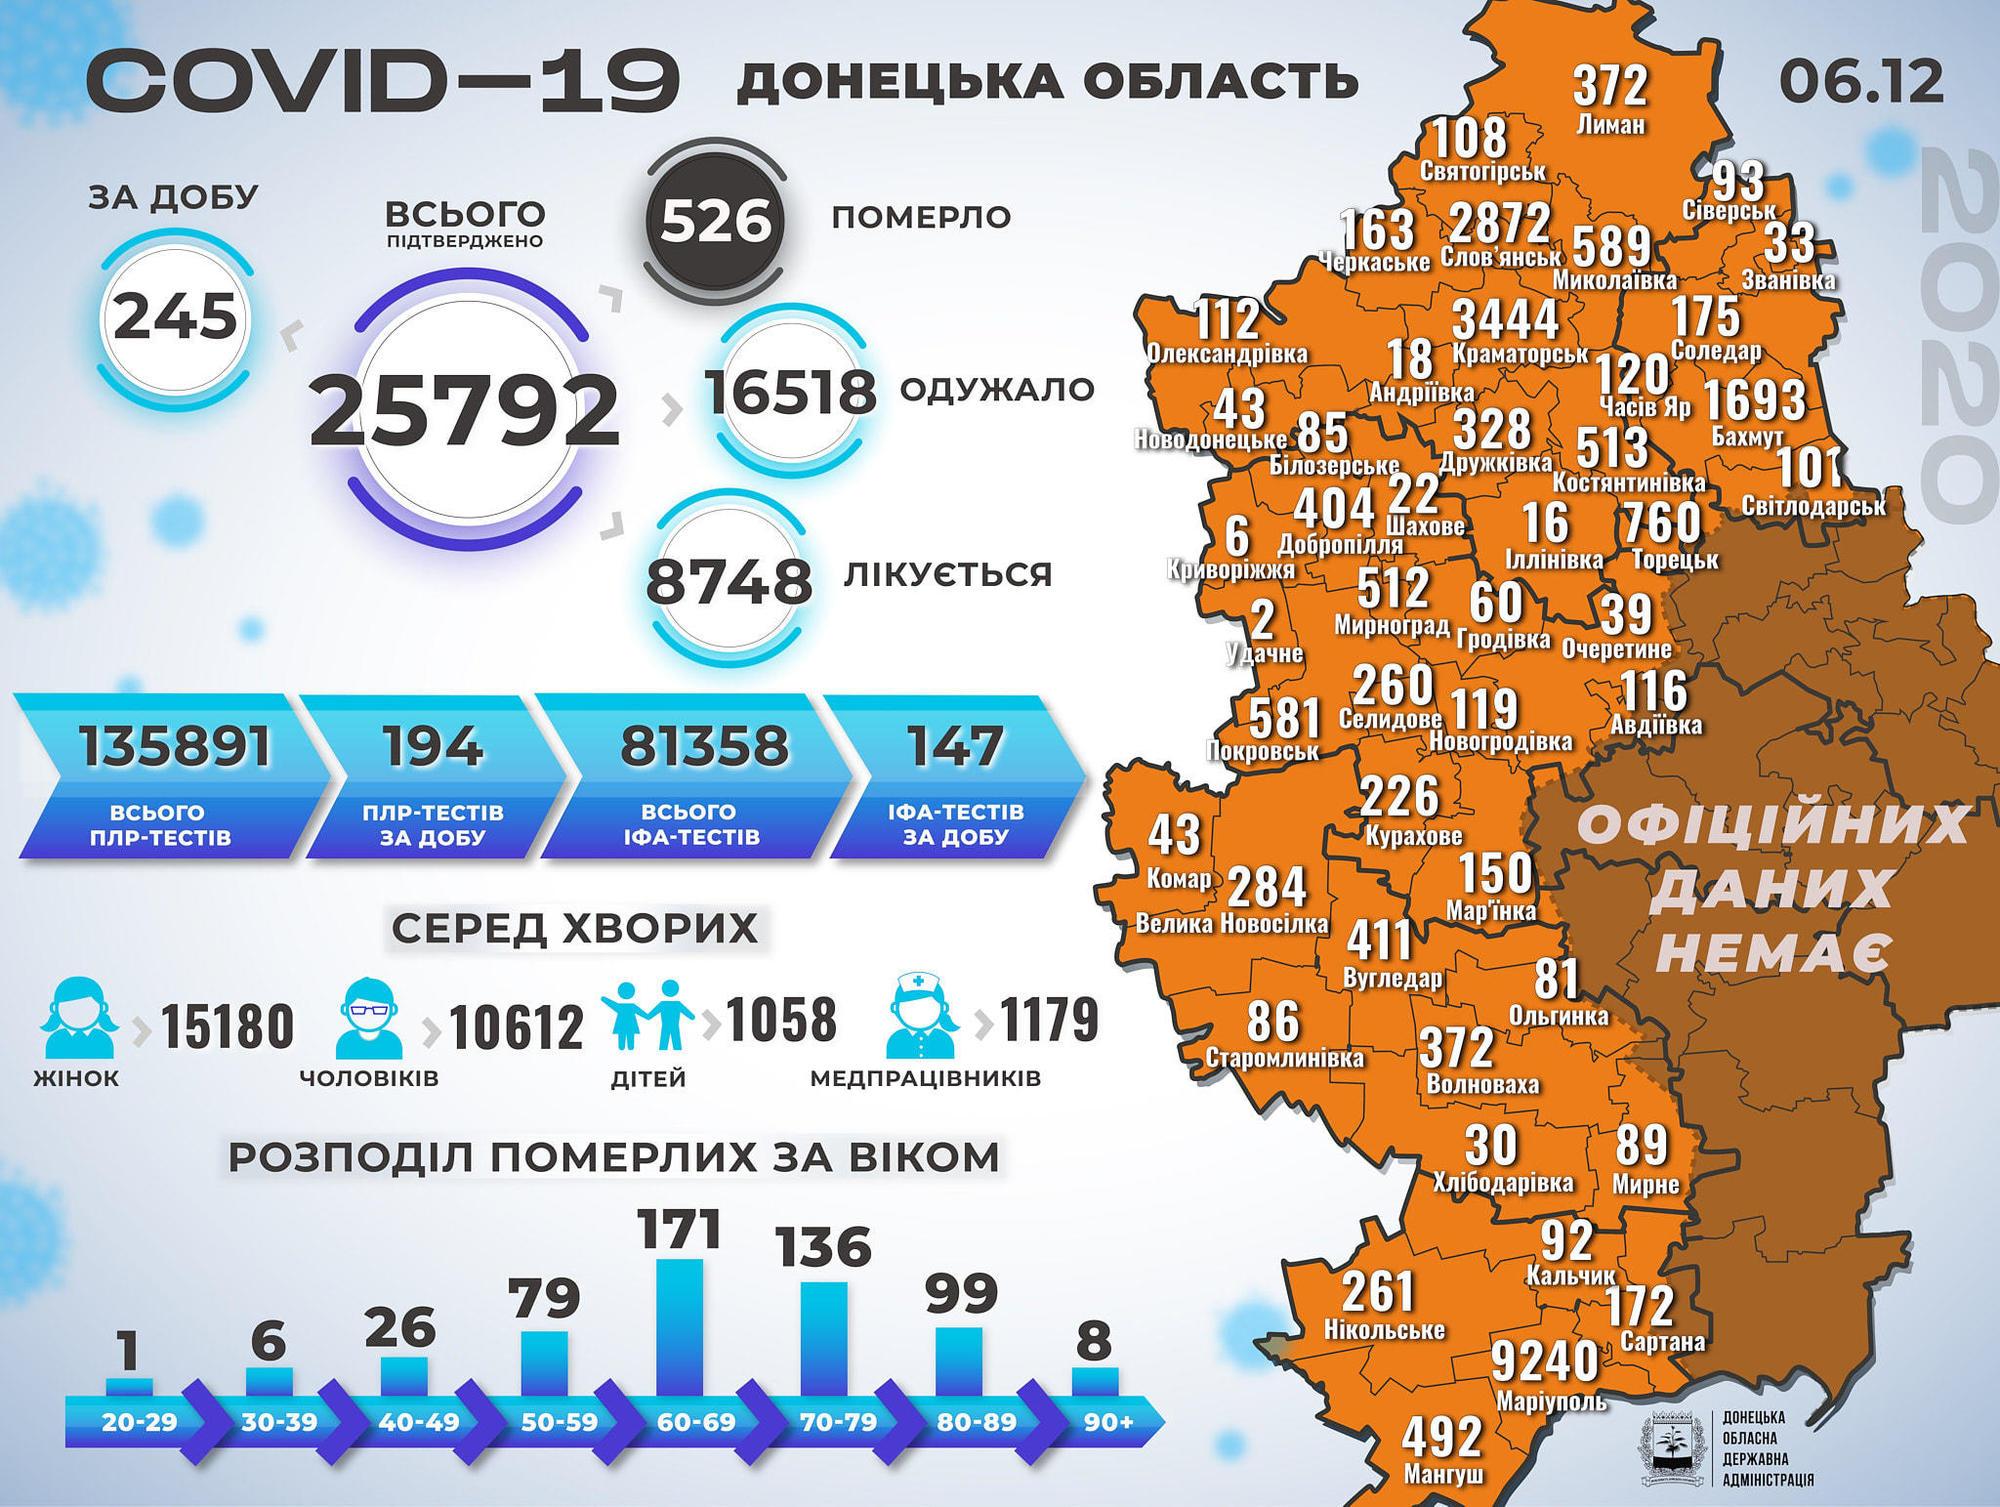 Коронавирус в Донецкой области по состоянию на 7 декабря